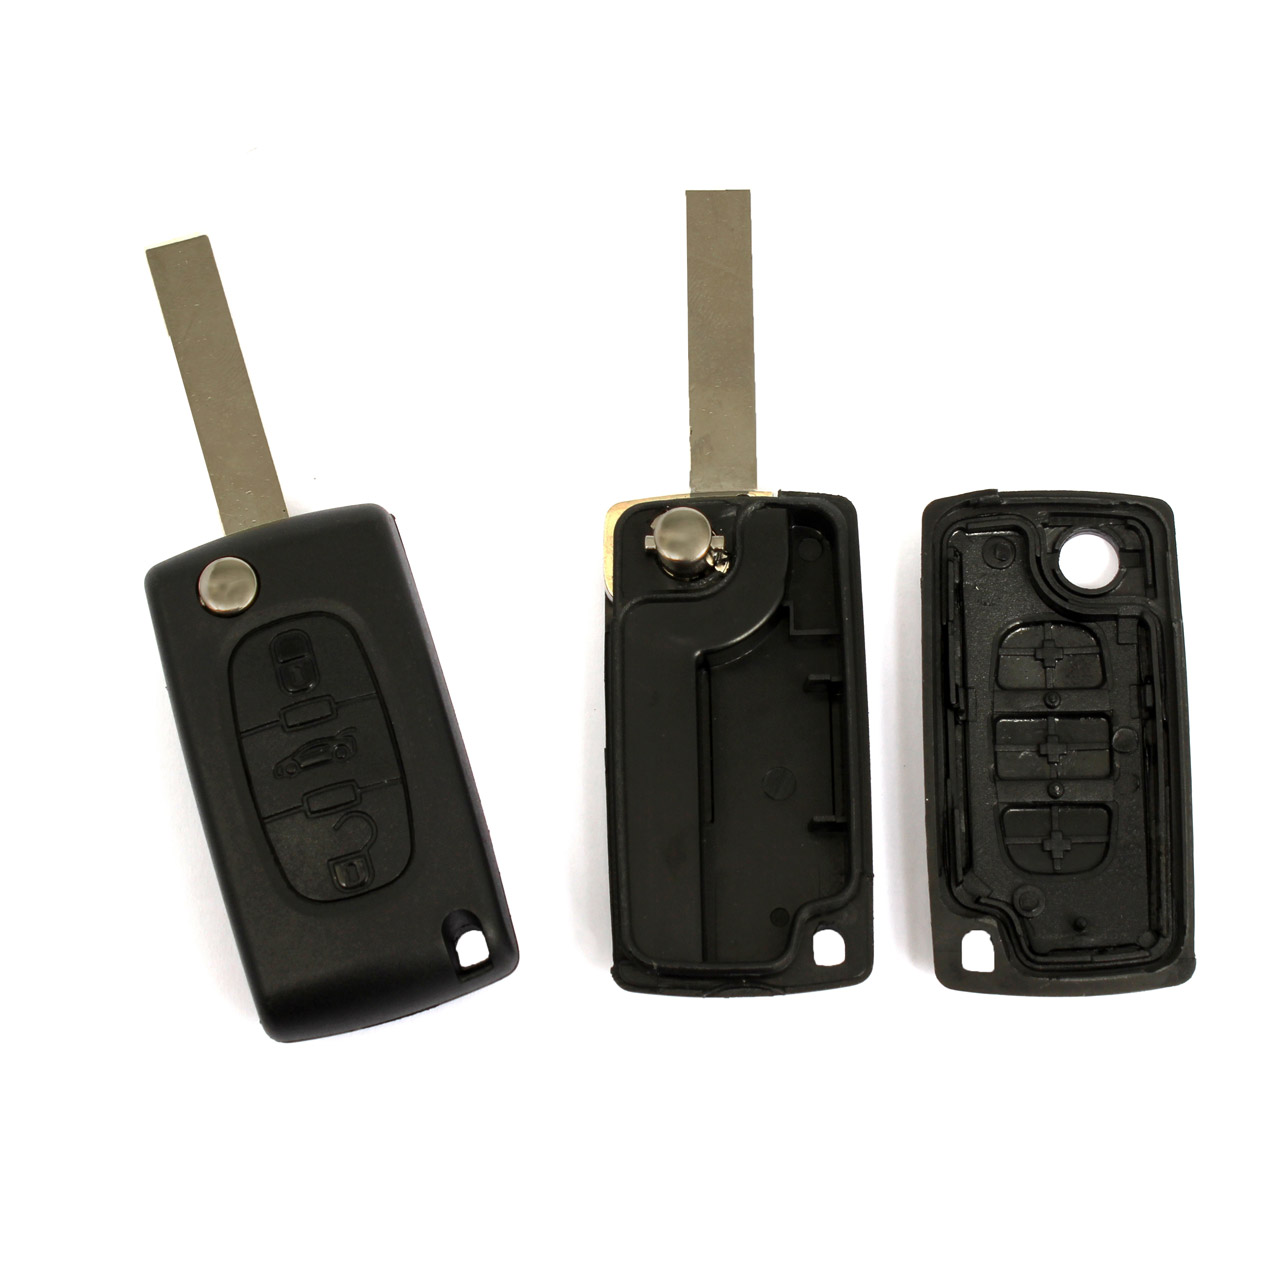 1x Schlüsselgehäuse + Schlüsselrohling 3-Tasten PEUGEOT 207 307